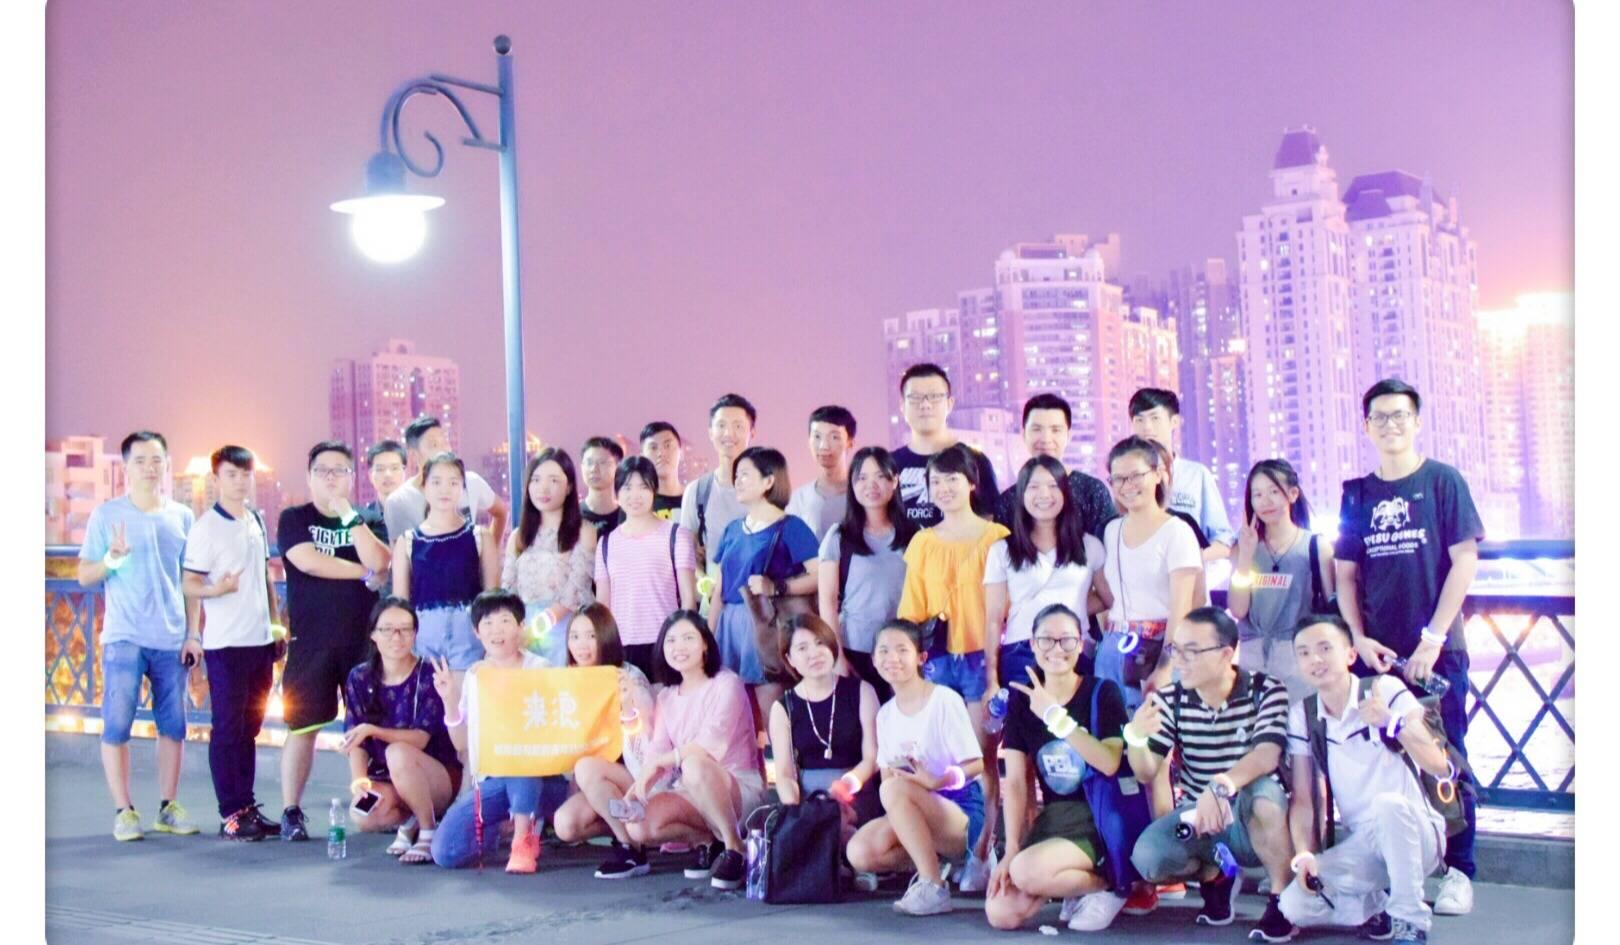 互动吧-拒宅活动 | 每周五晚一起和有趣的小伙伴夜行广州